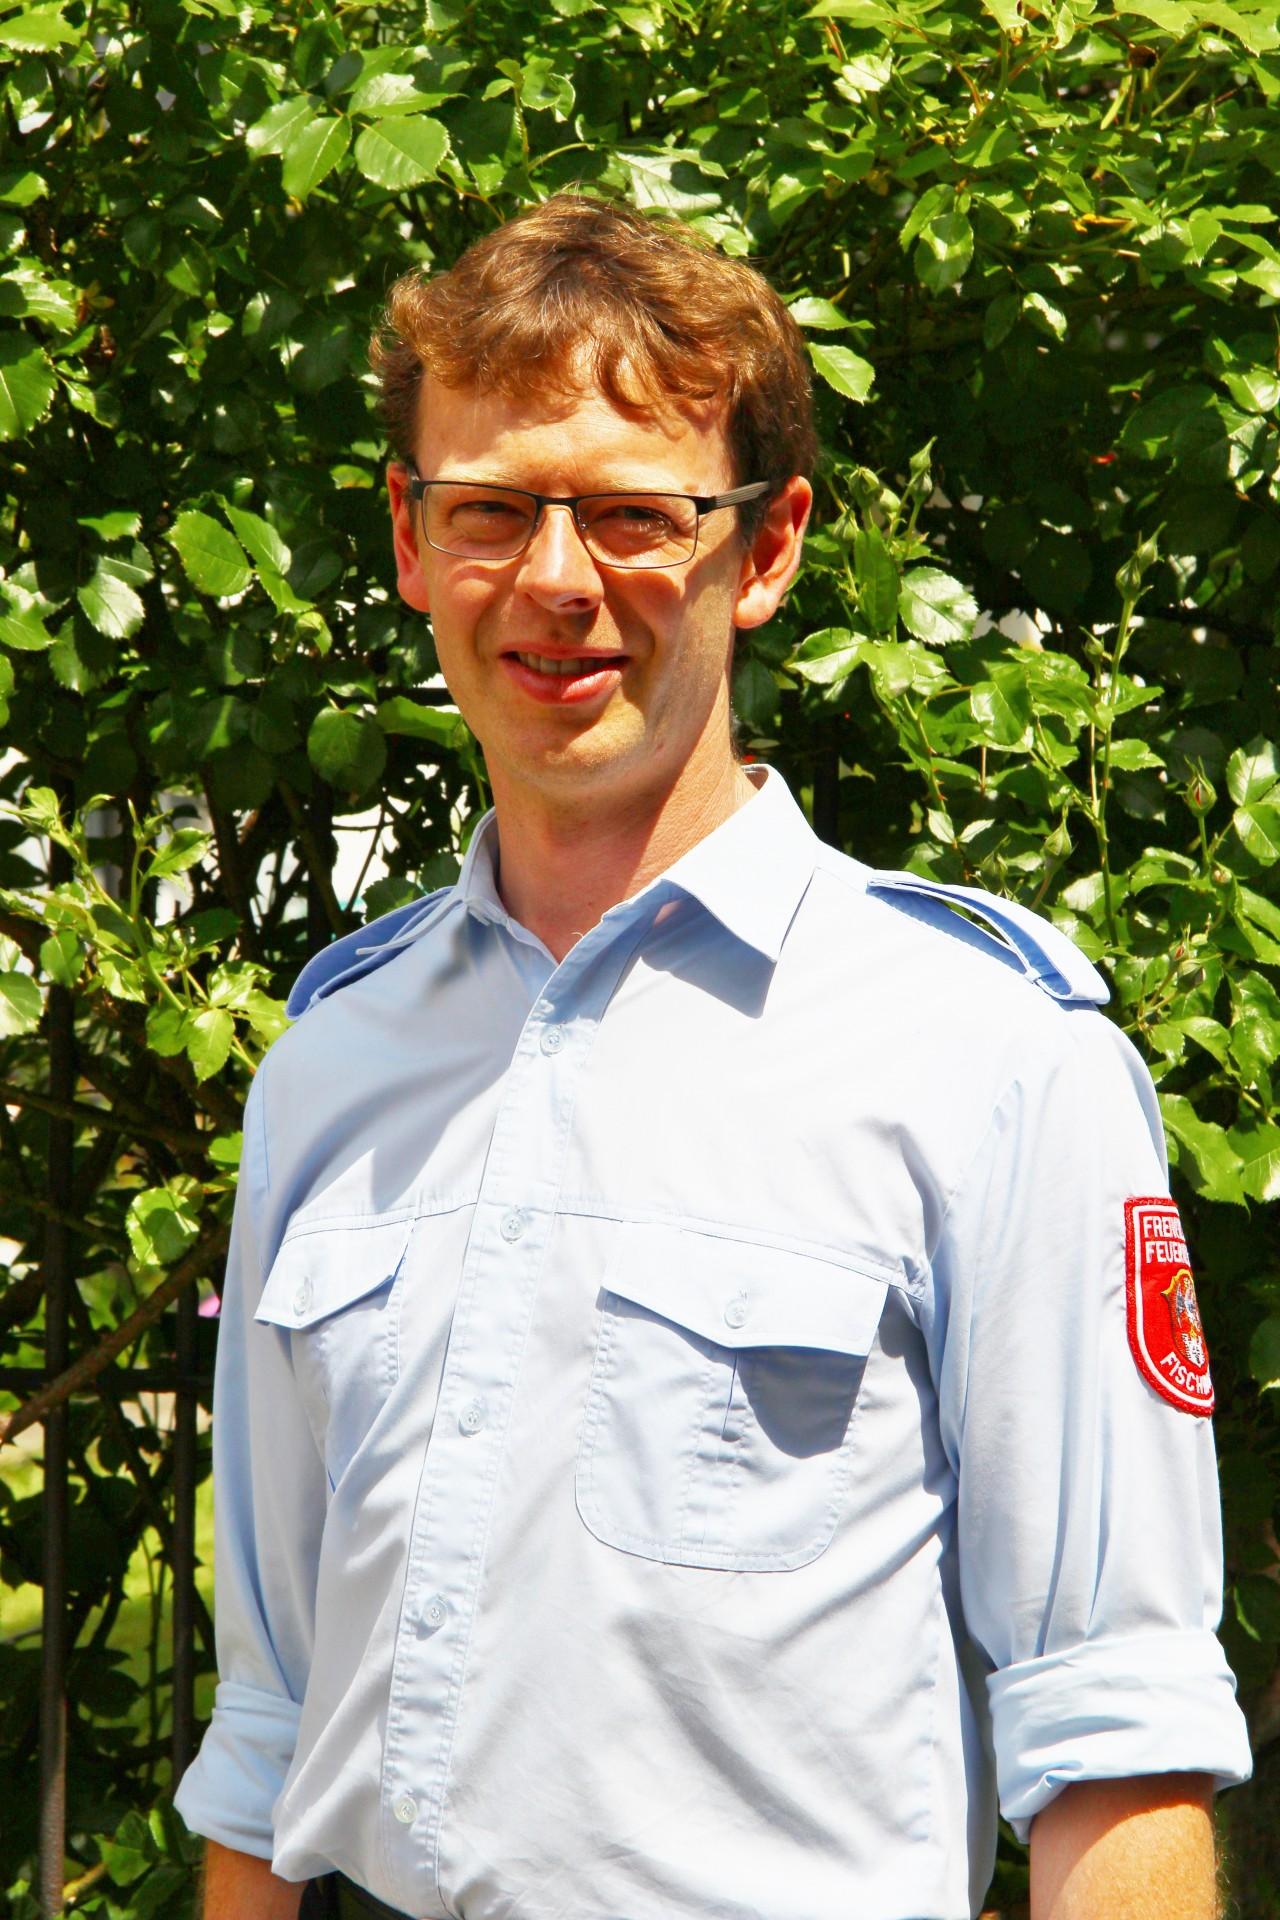 hans-astner-freiwillige-feuerwehr-fischbach